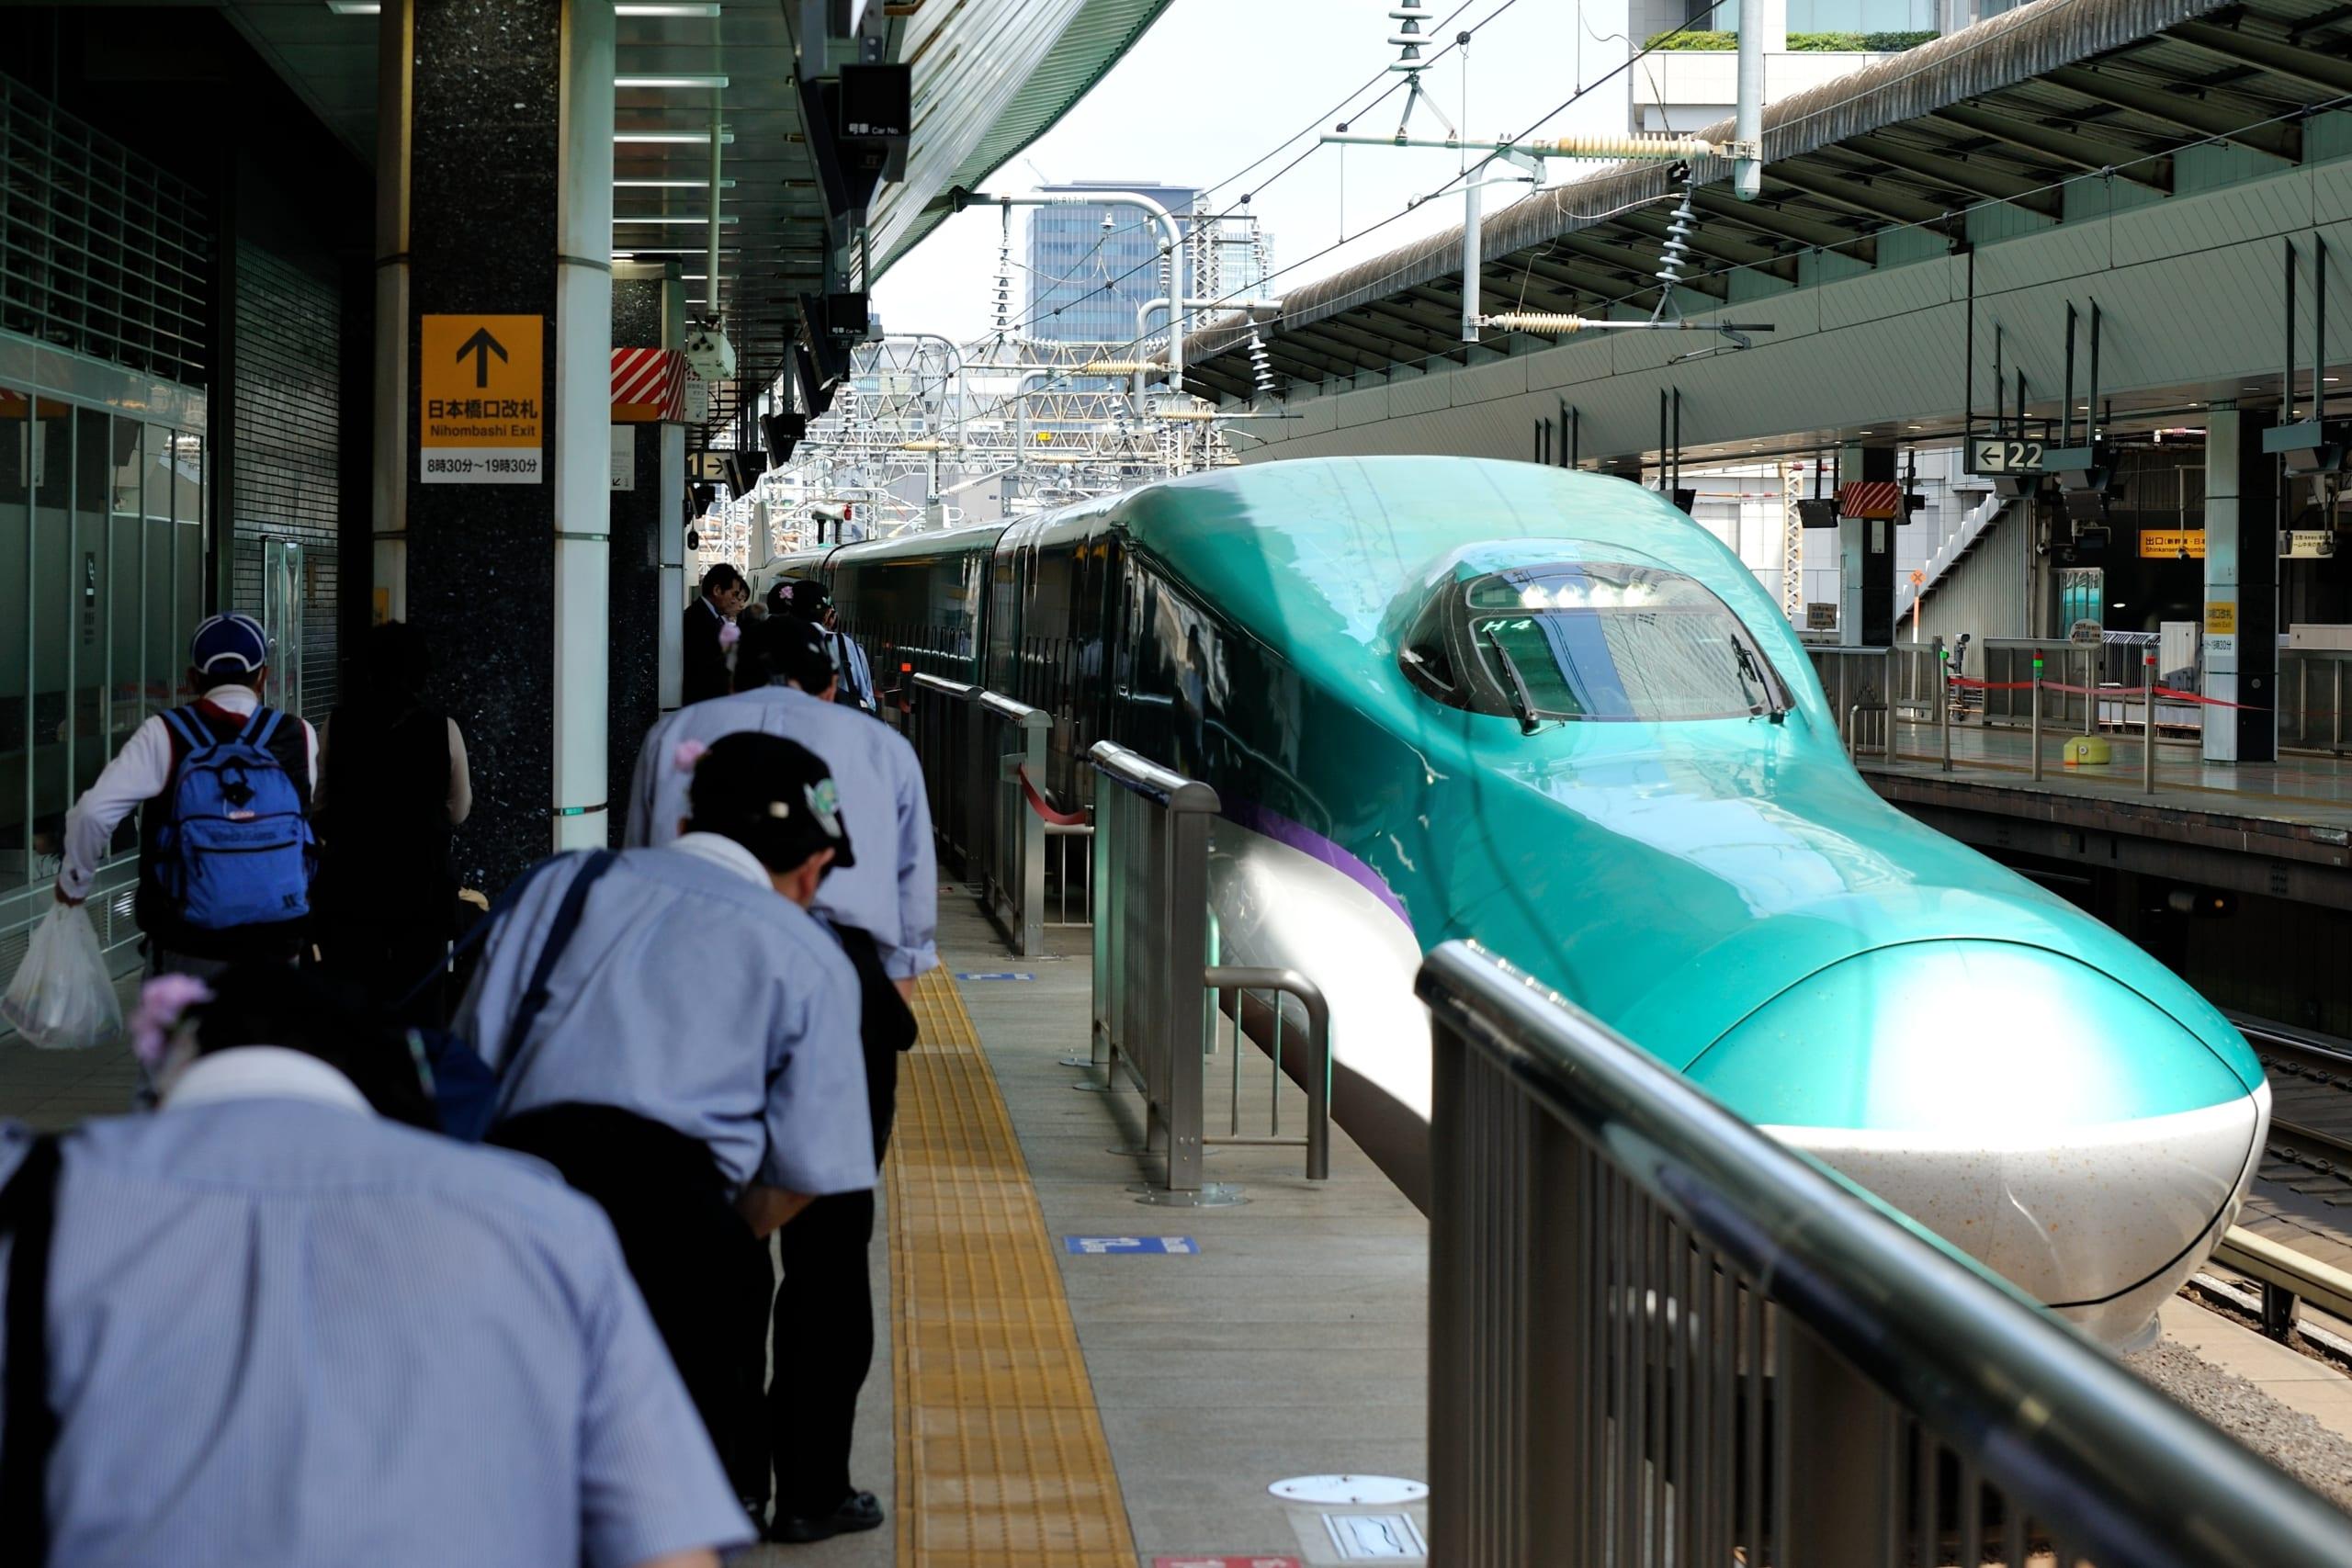 「7分間の奇跡」新幹線の車内清掃がまさに神業!海外から賞賛の嵐の理由とは!?